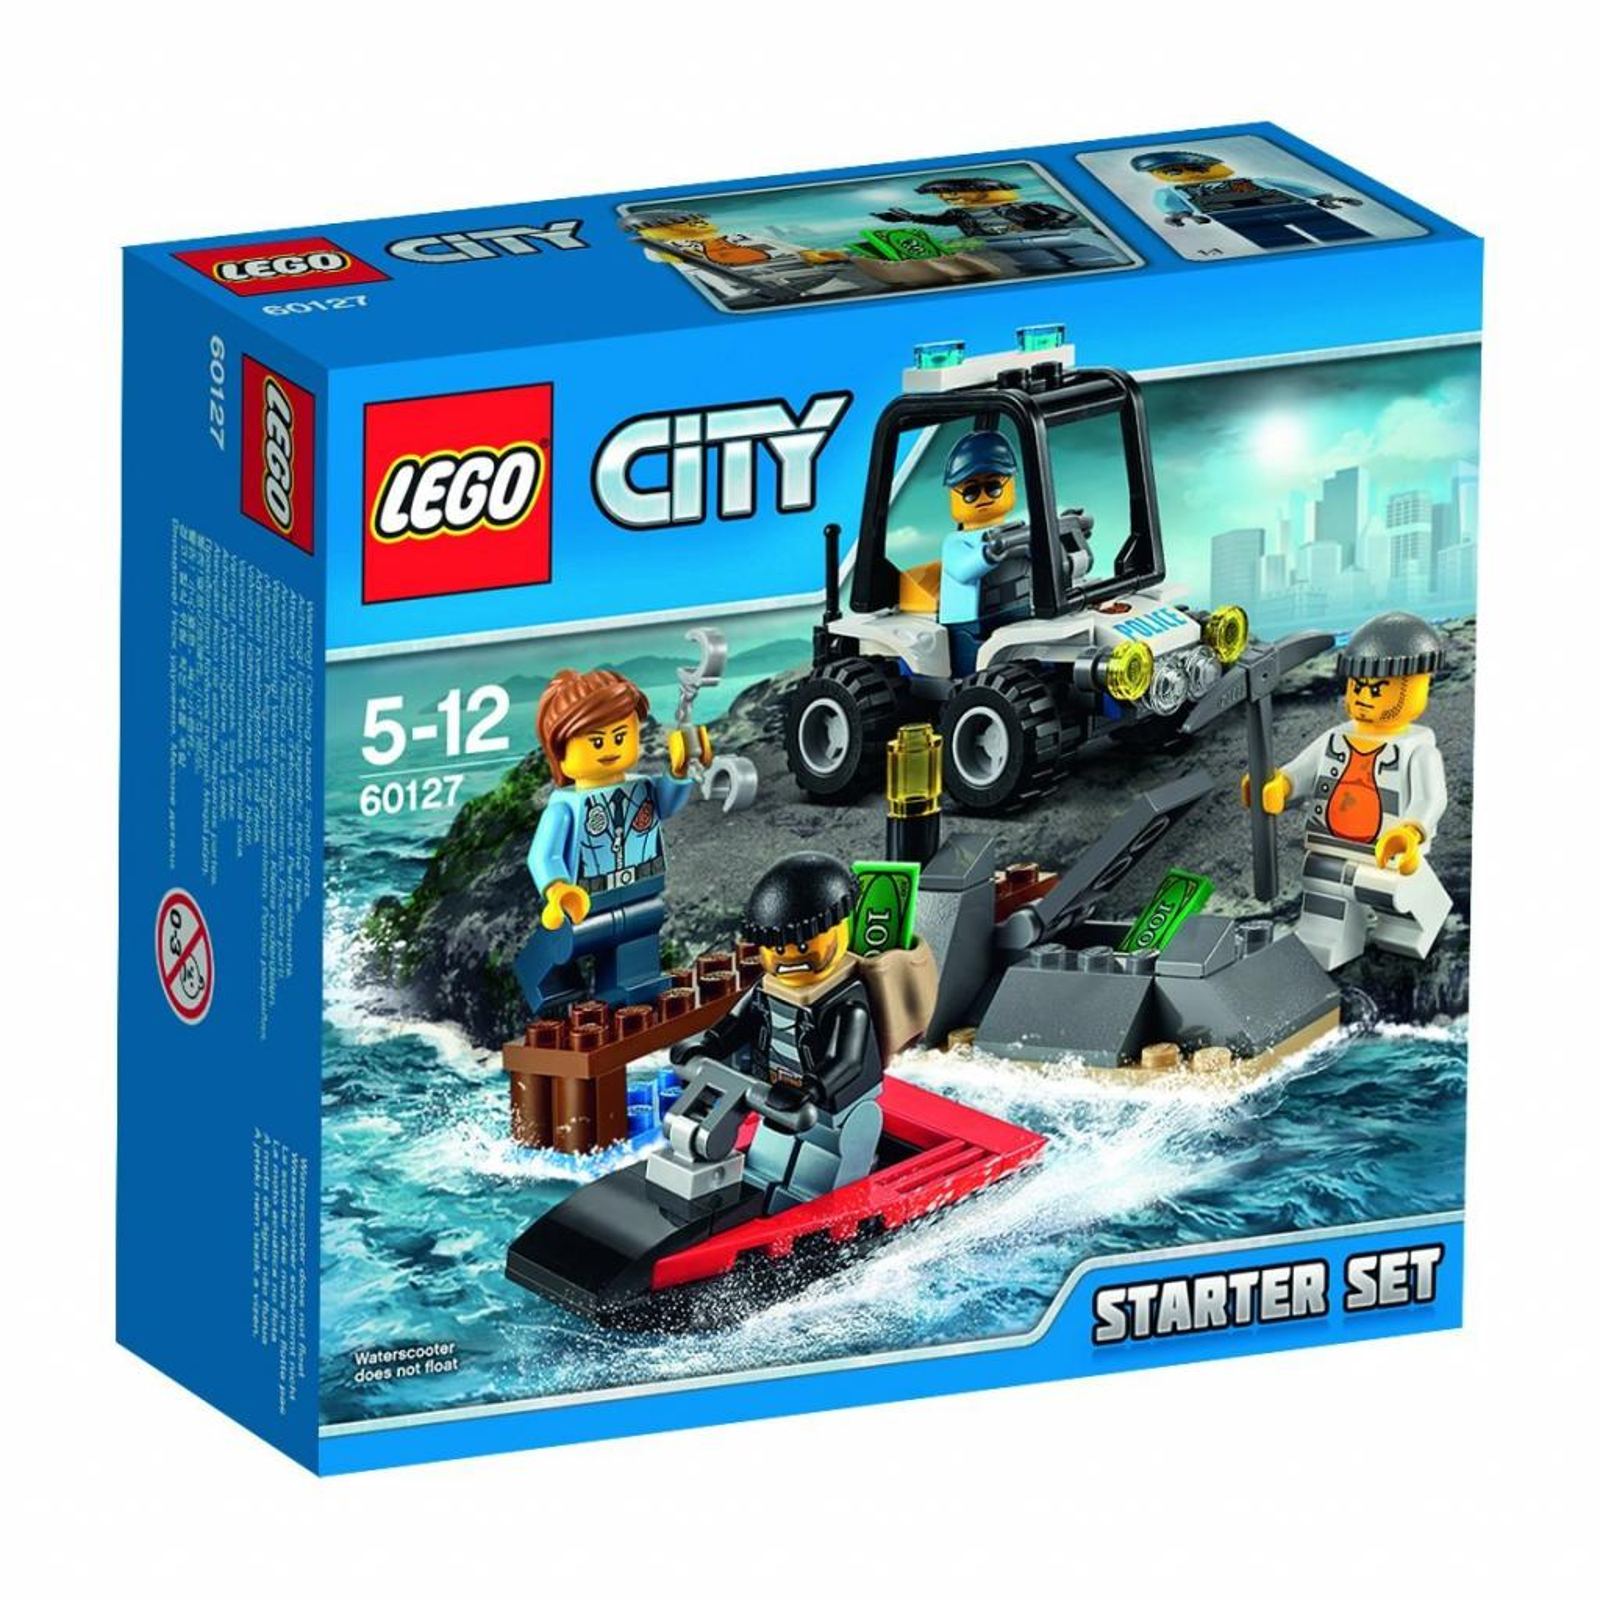 Конструктор LEGO City Police Набор для начинающих Остров-тюрьма (60127)